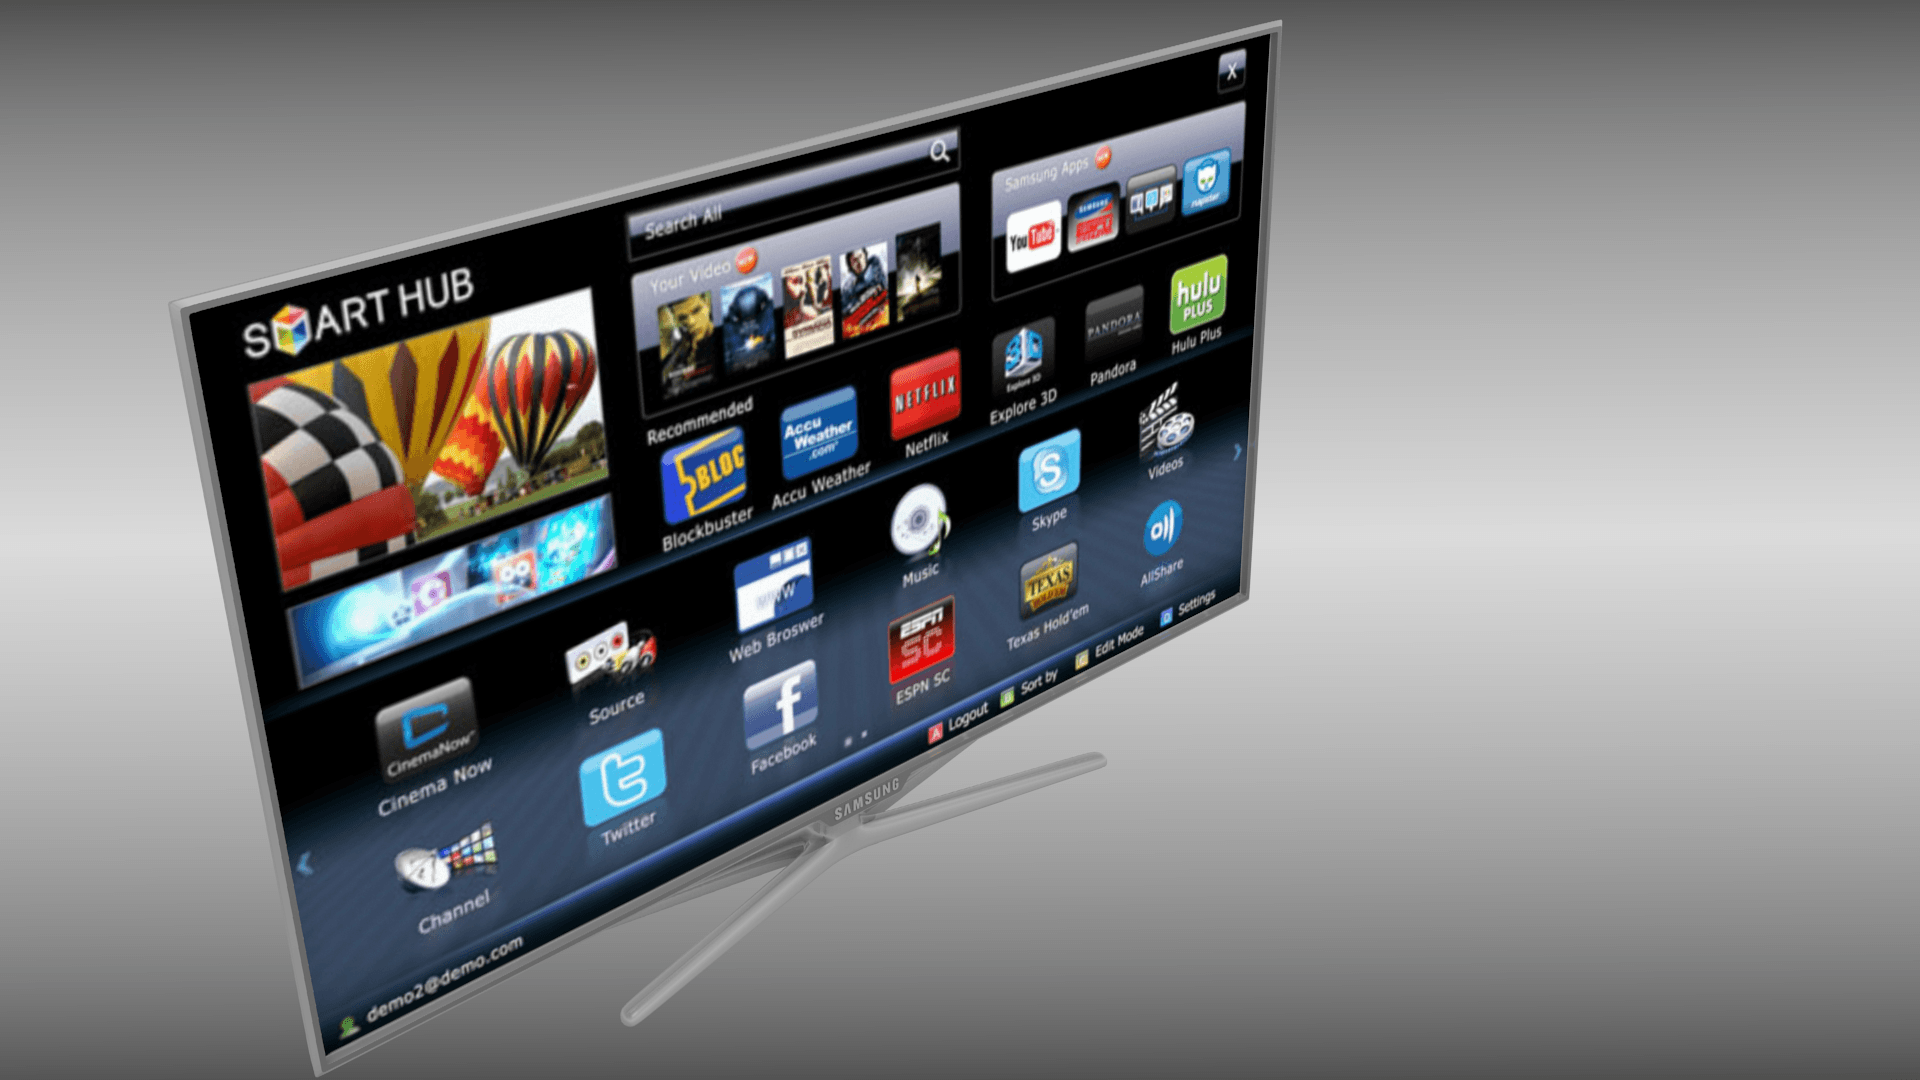 Телевизор Самсунг 32 дюйма: сравнение основных моделей